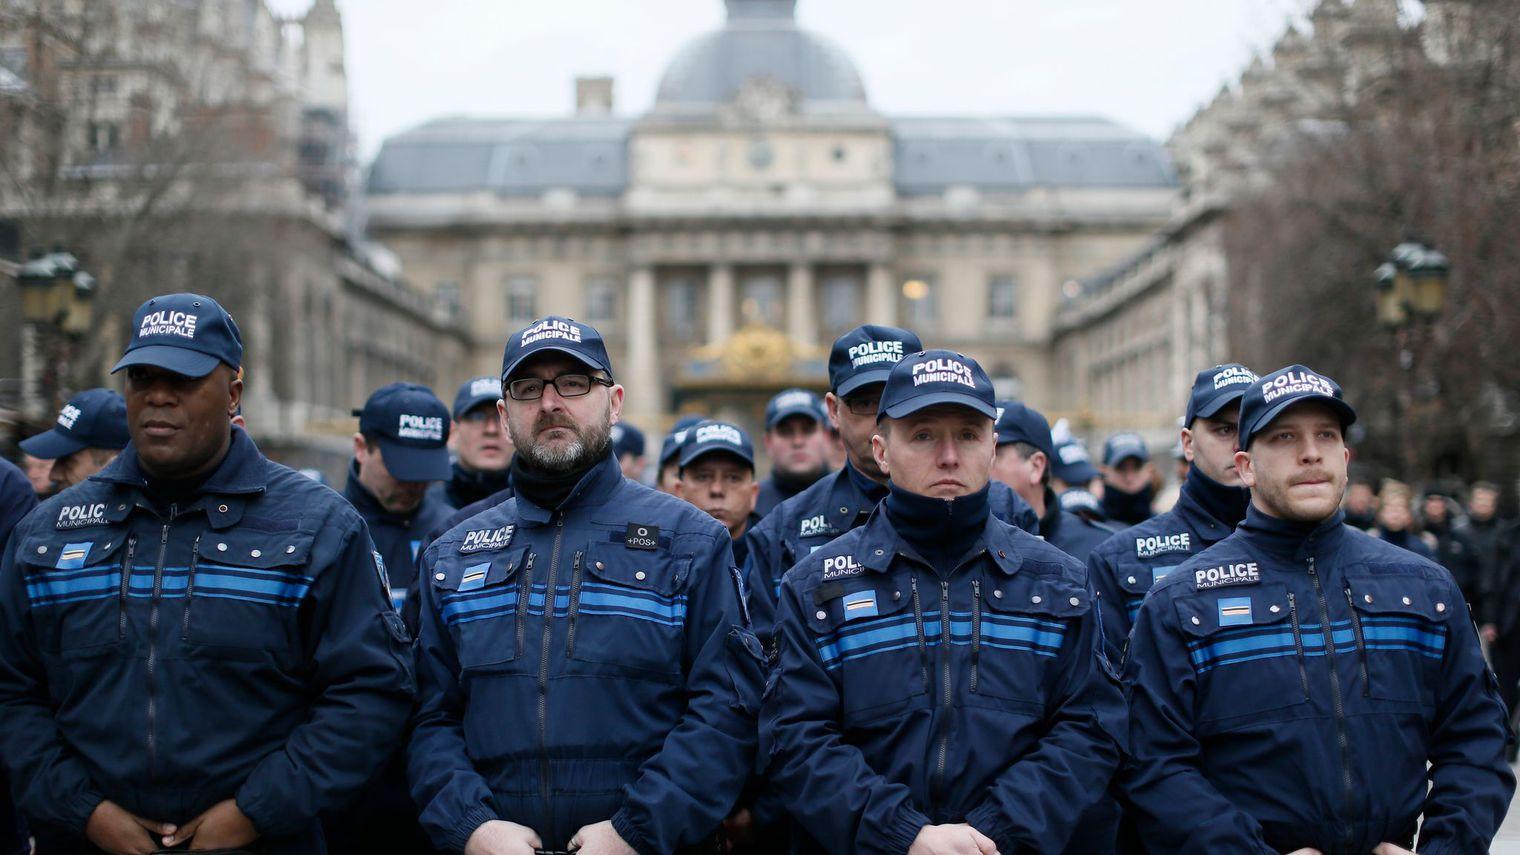 Les coordonn es de 112 000 policiers fuitent sur internet for Police salon de provence